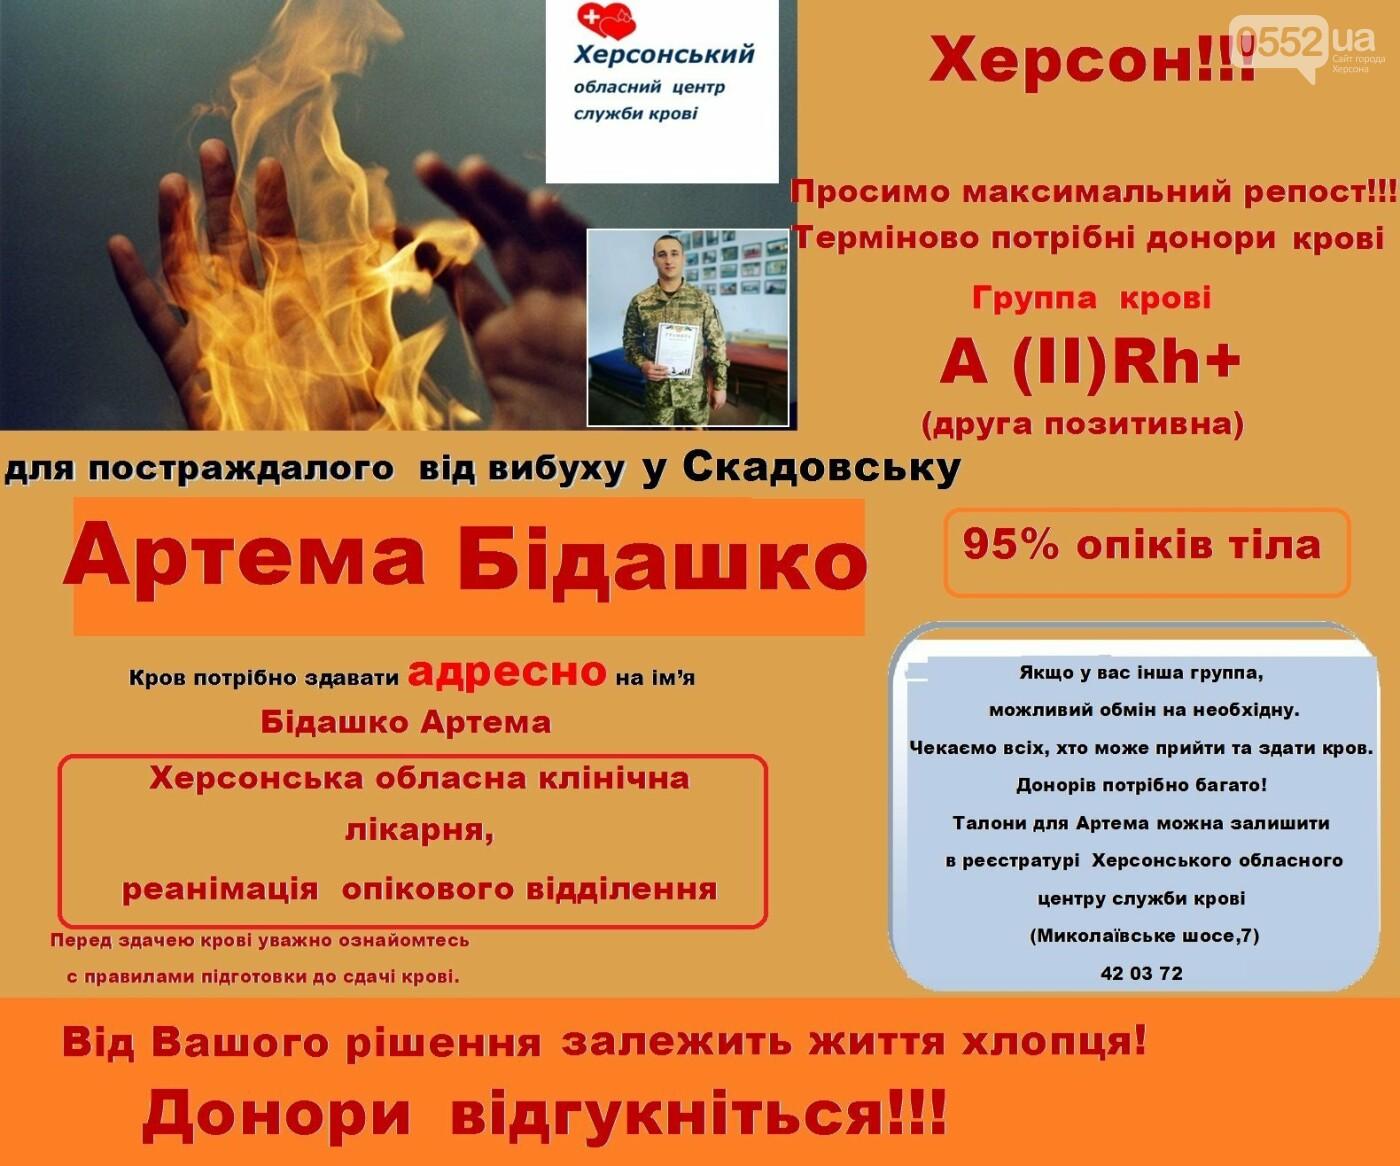 Чудом выживший парень из Скадовска нуждается в помощи херсонцев: обожжено 95 процентов тела, фото-1